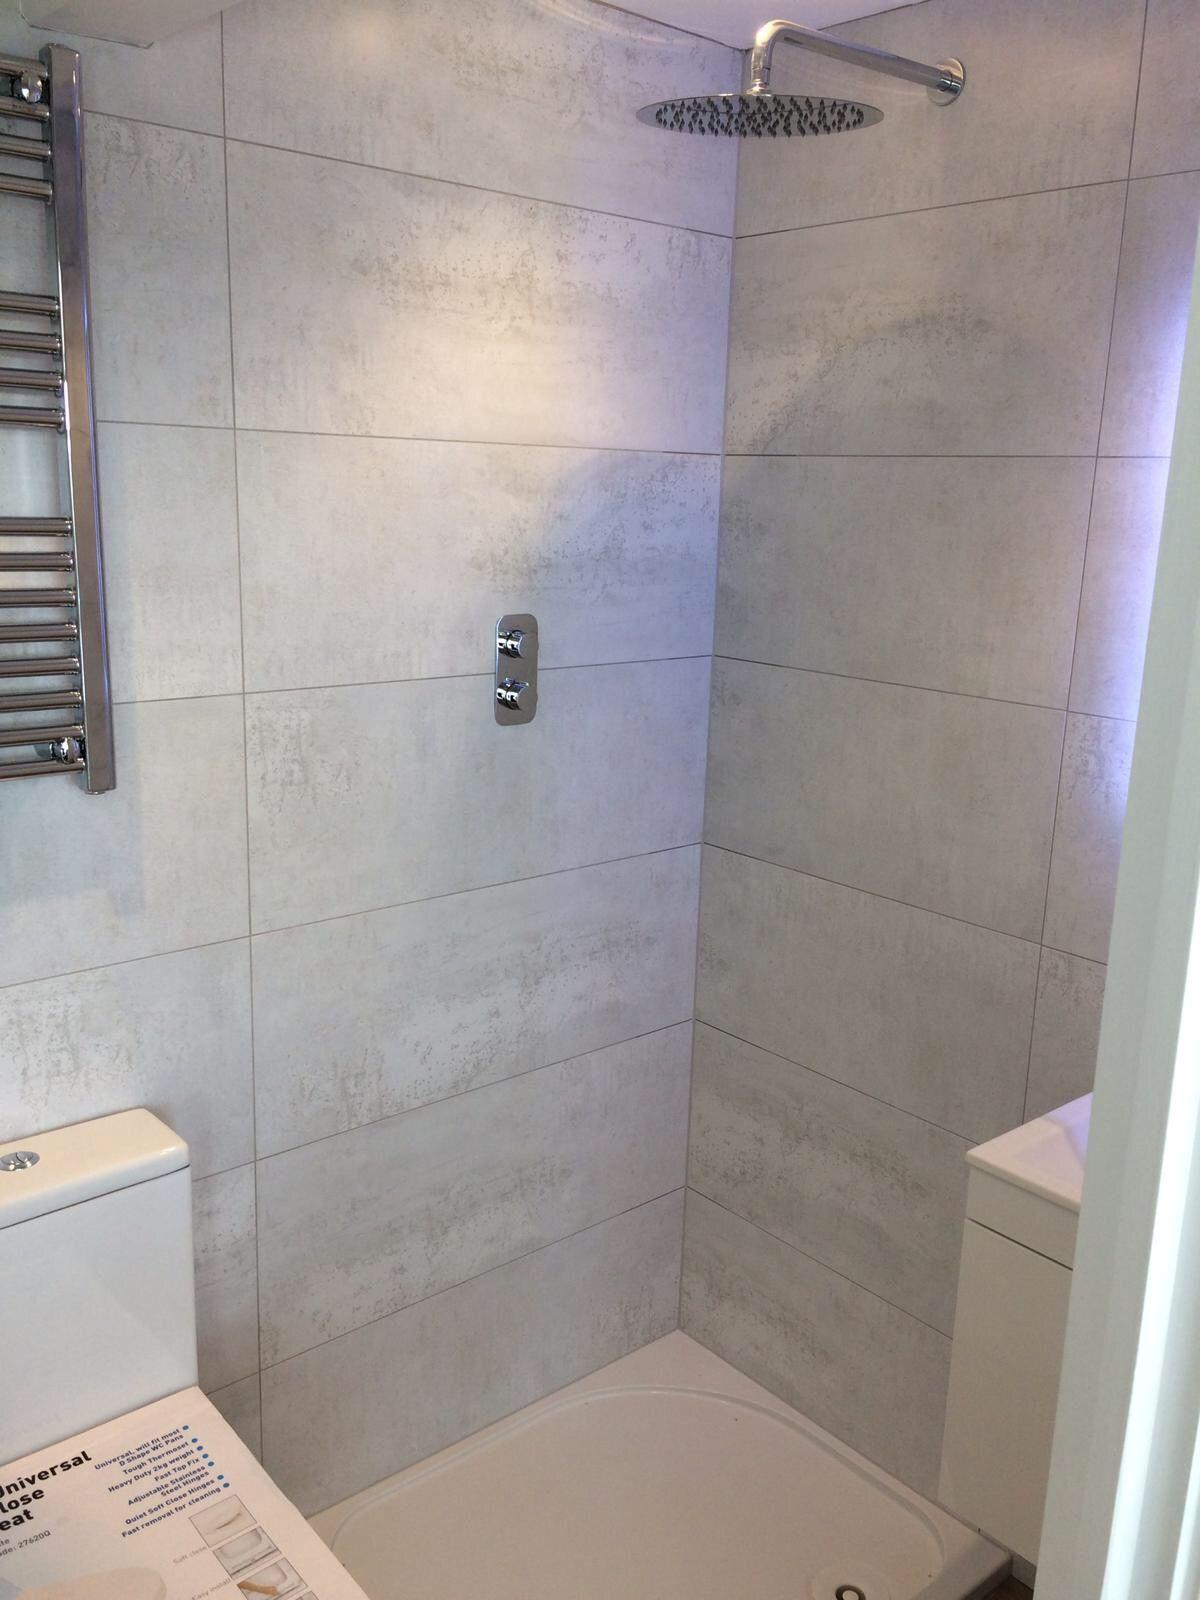 Beautiful Silver White Bathroom Shower Room Wall Large Format Tiles Largebathroomremodeling Master Bathroom Shower Large Tile Bathroom Shower Room